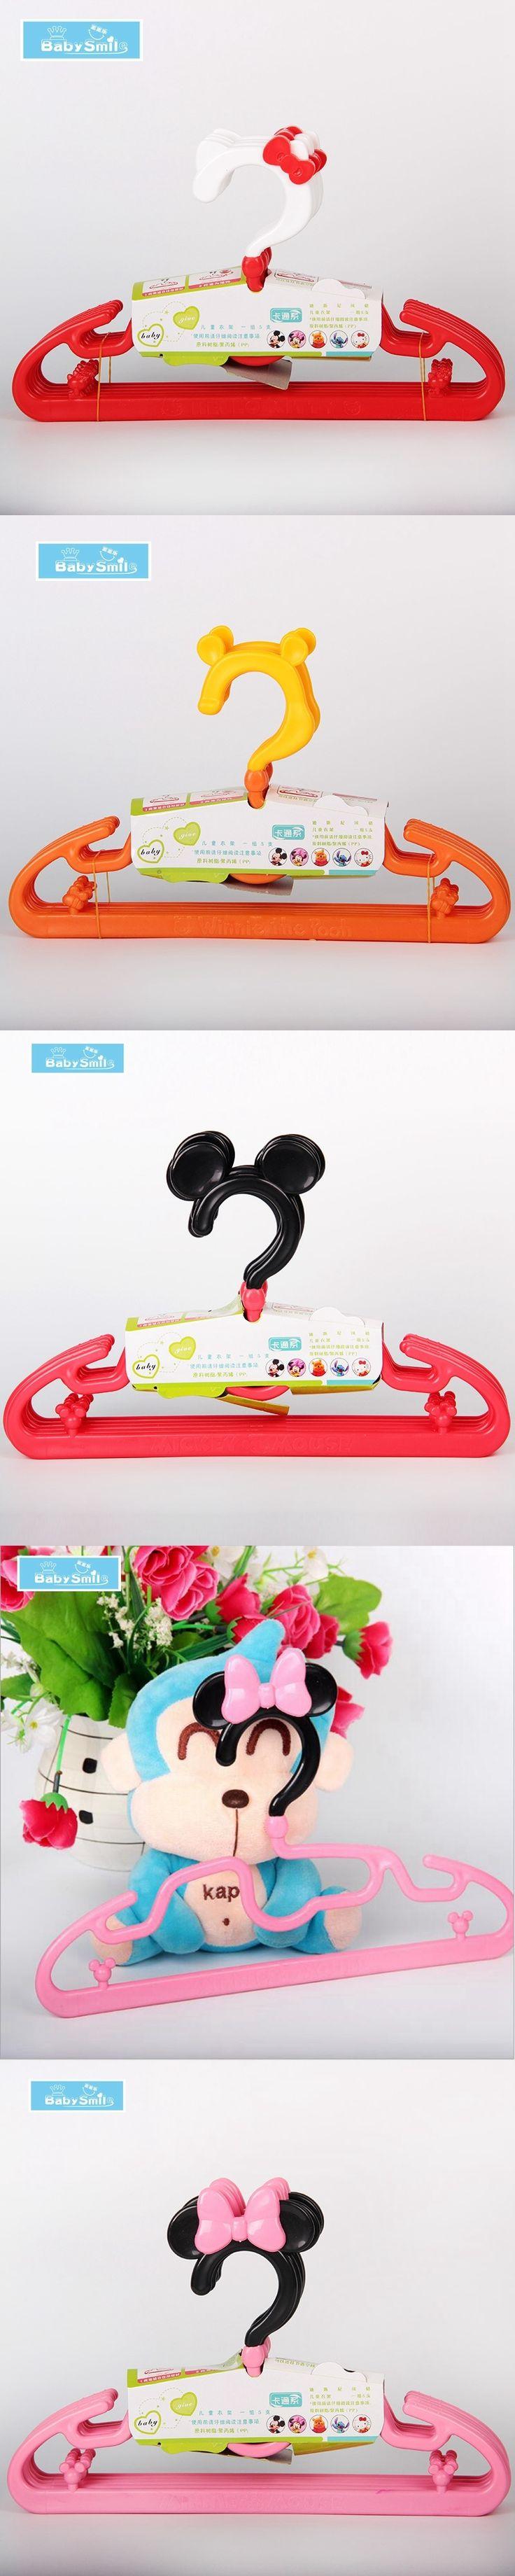 5Pcs 10pcs Cartoon Clothes Hanger Good Quality PP Plastic Hangers for Baby 4 model design 3D Space Children Hangers